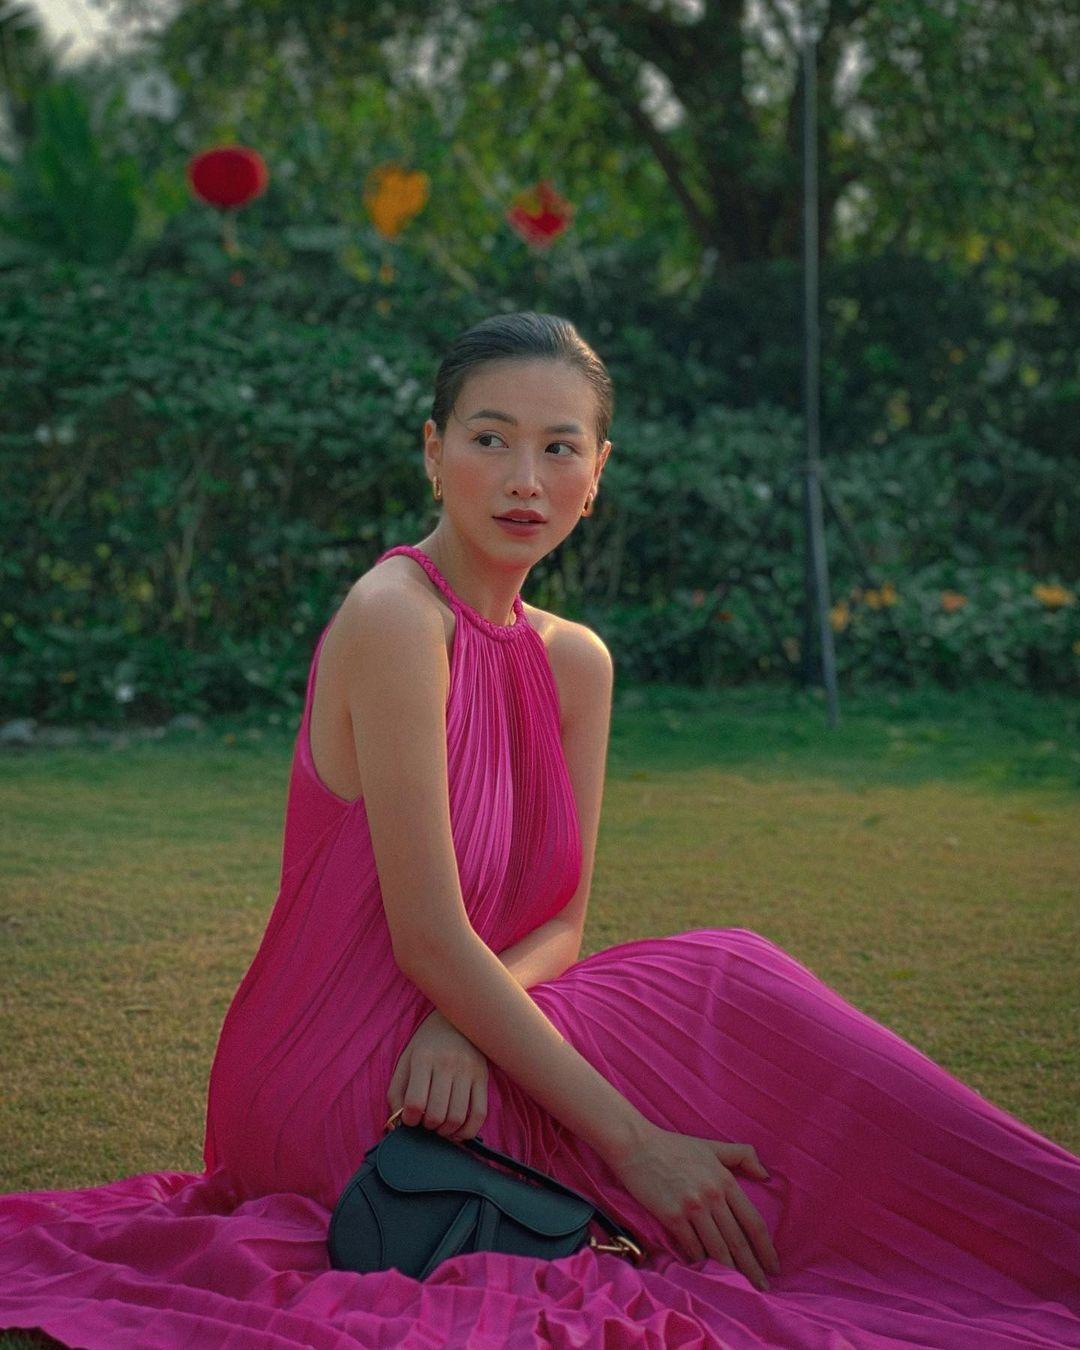 Phương Khánh hiện ít tham gia hoạt động showbiz, cô nàng làm nhiều video chia sẻ về bí quyết làm đẹp, chăm sóc da...